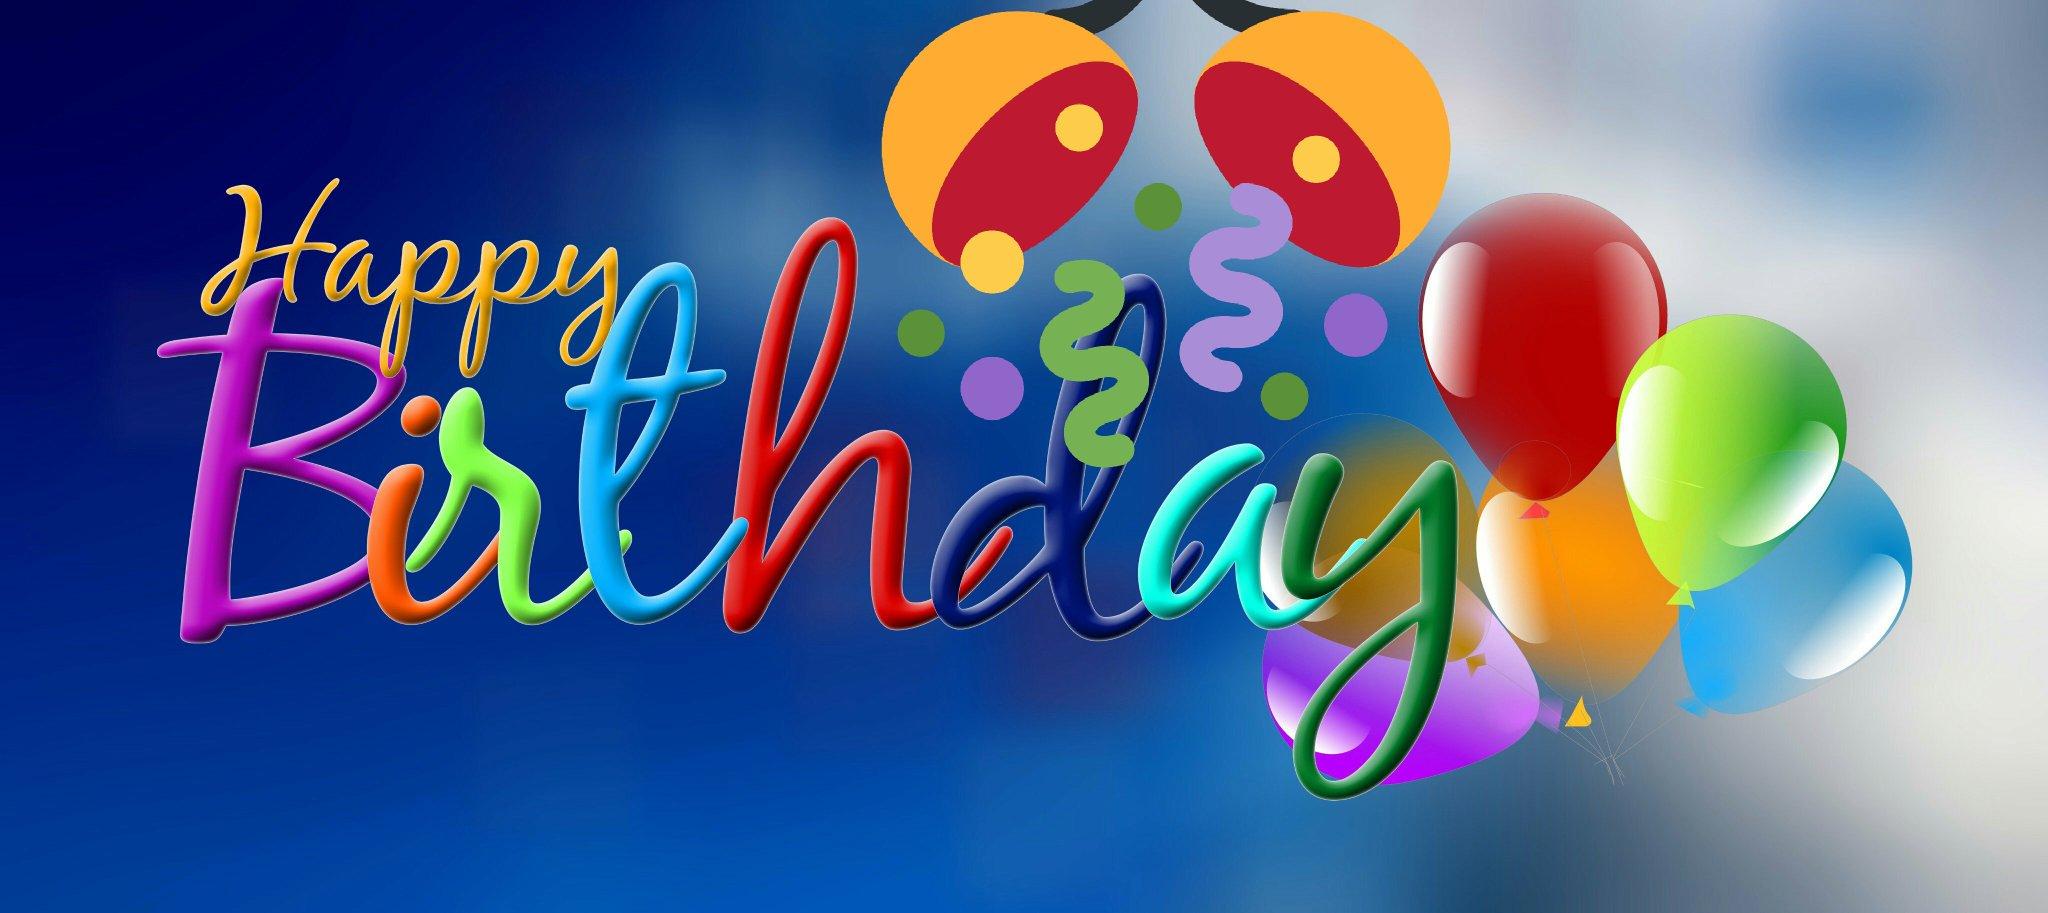 Открытка на английском день рождения, бисерные